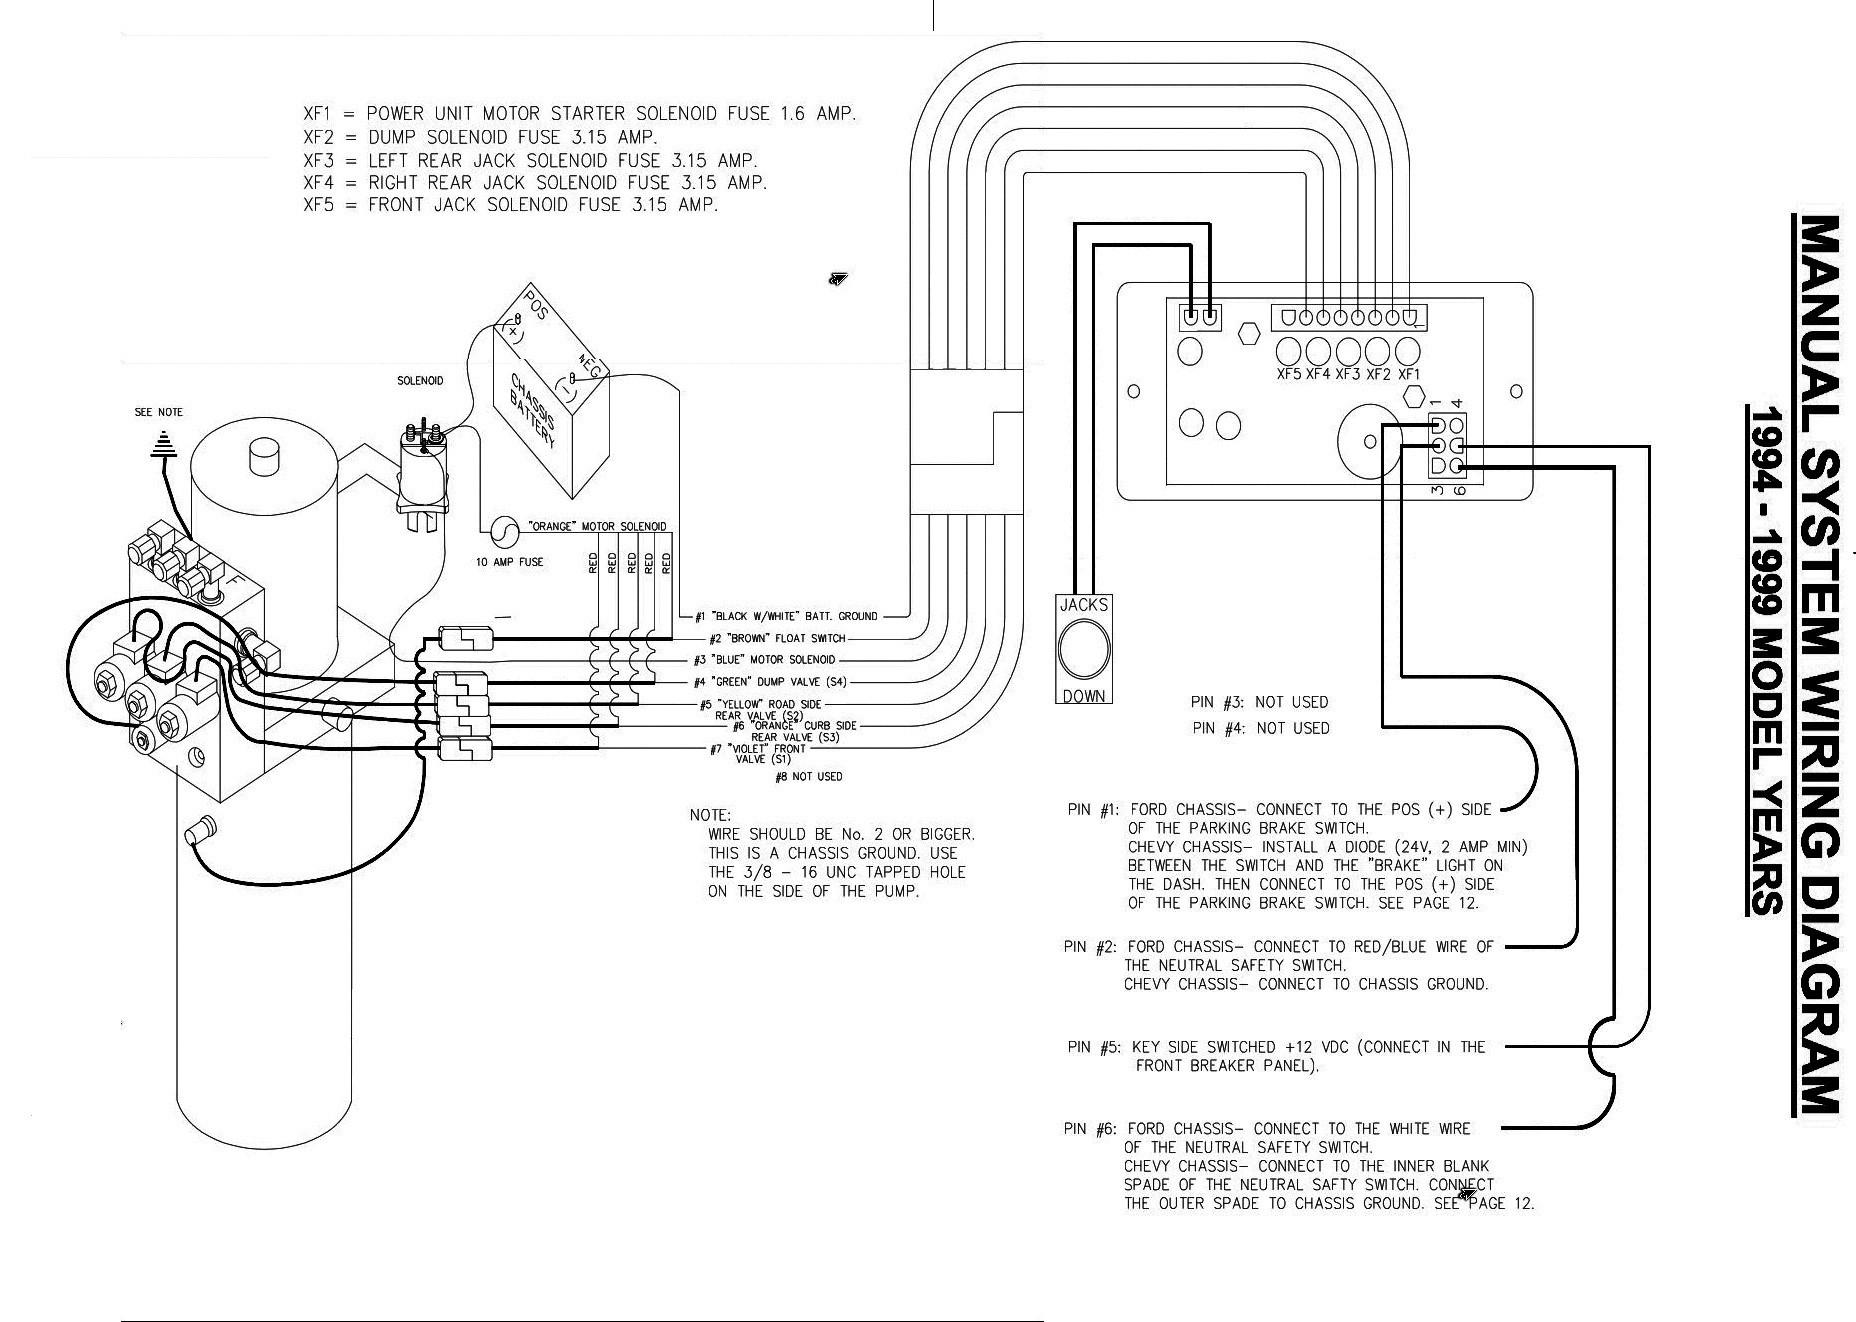 1994 P30 7 4 Wiring Diagram - Service Repair Manual  Vortec Engine Wiring Diagram Ecu on